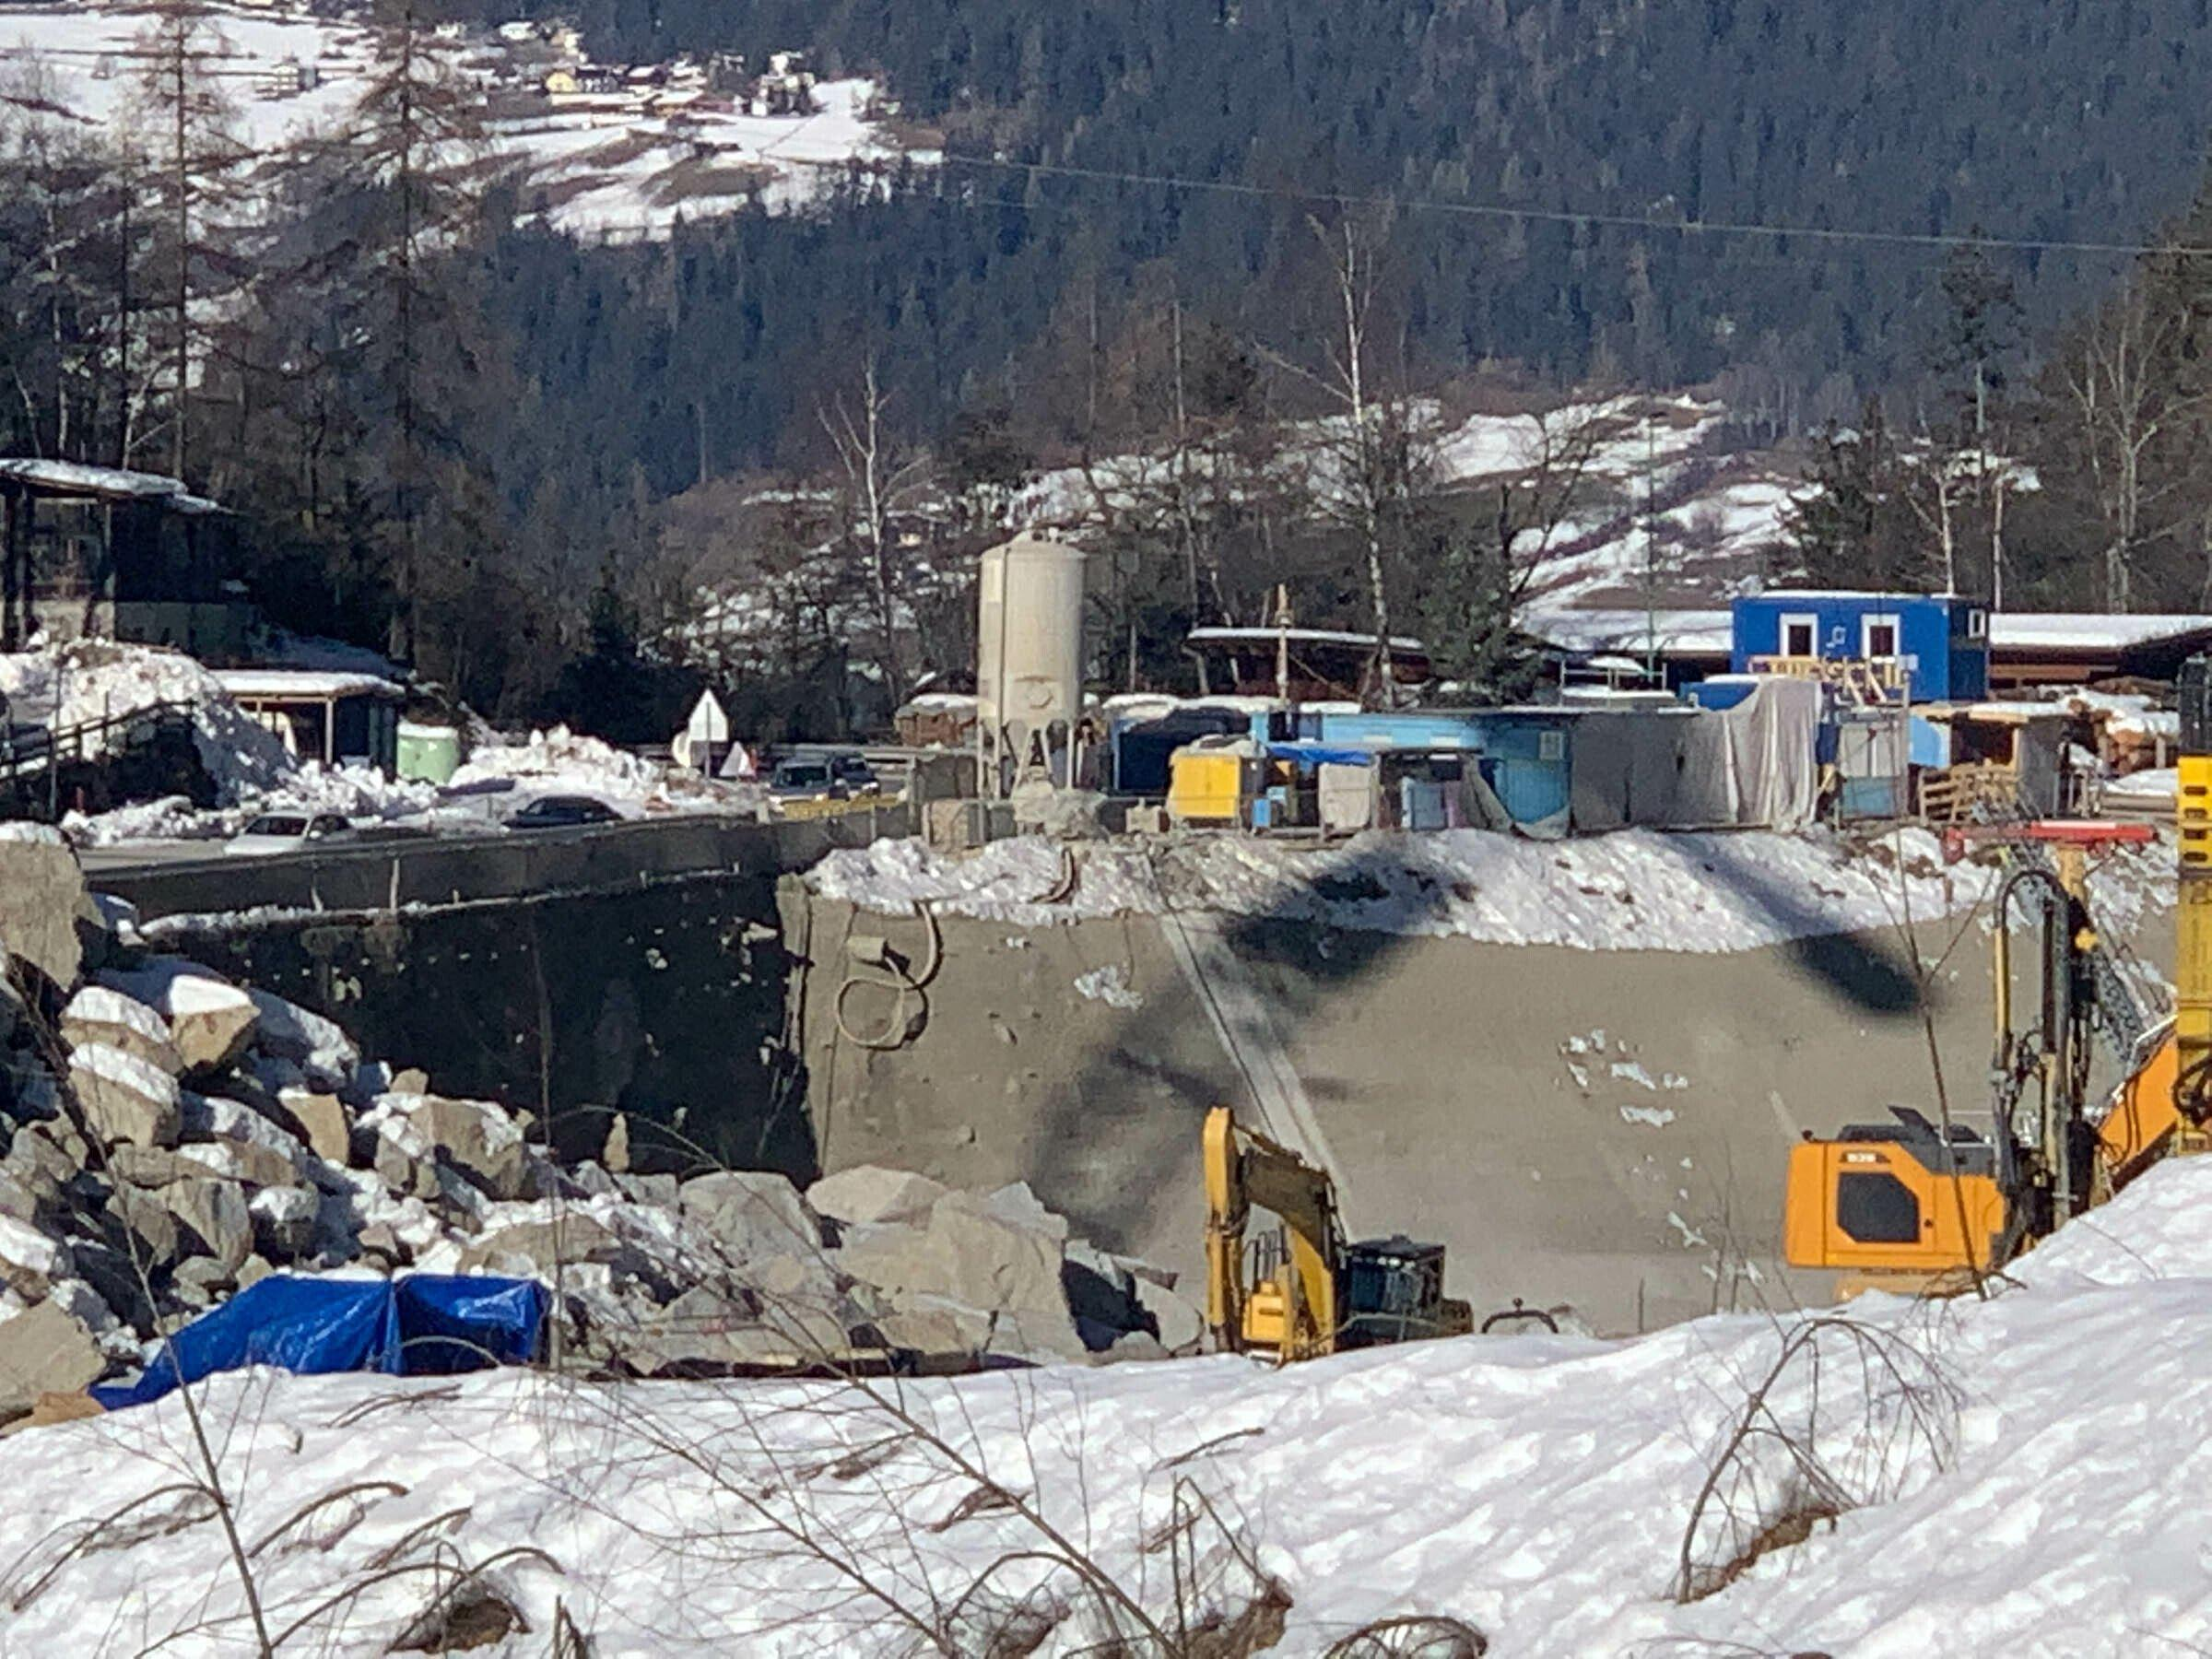 Baustelle an Gebirgsbach mit Betonwand und Baustellengerätschaften